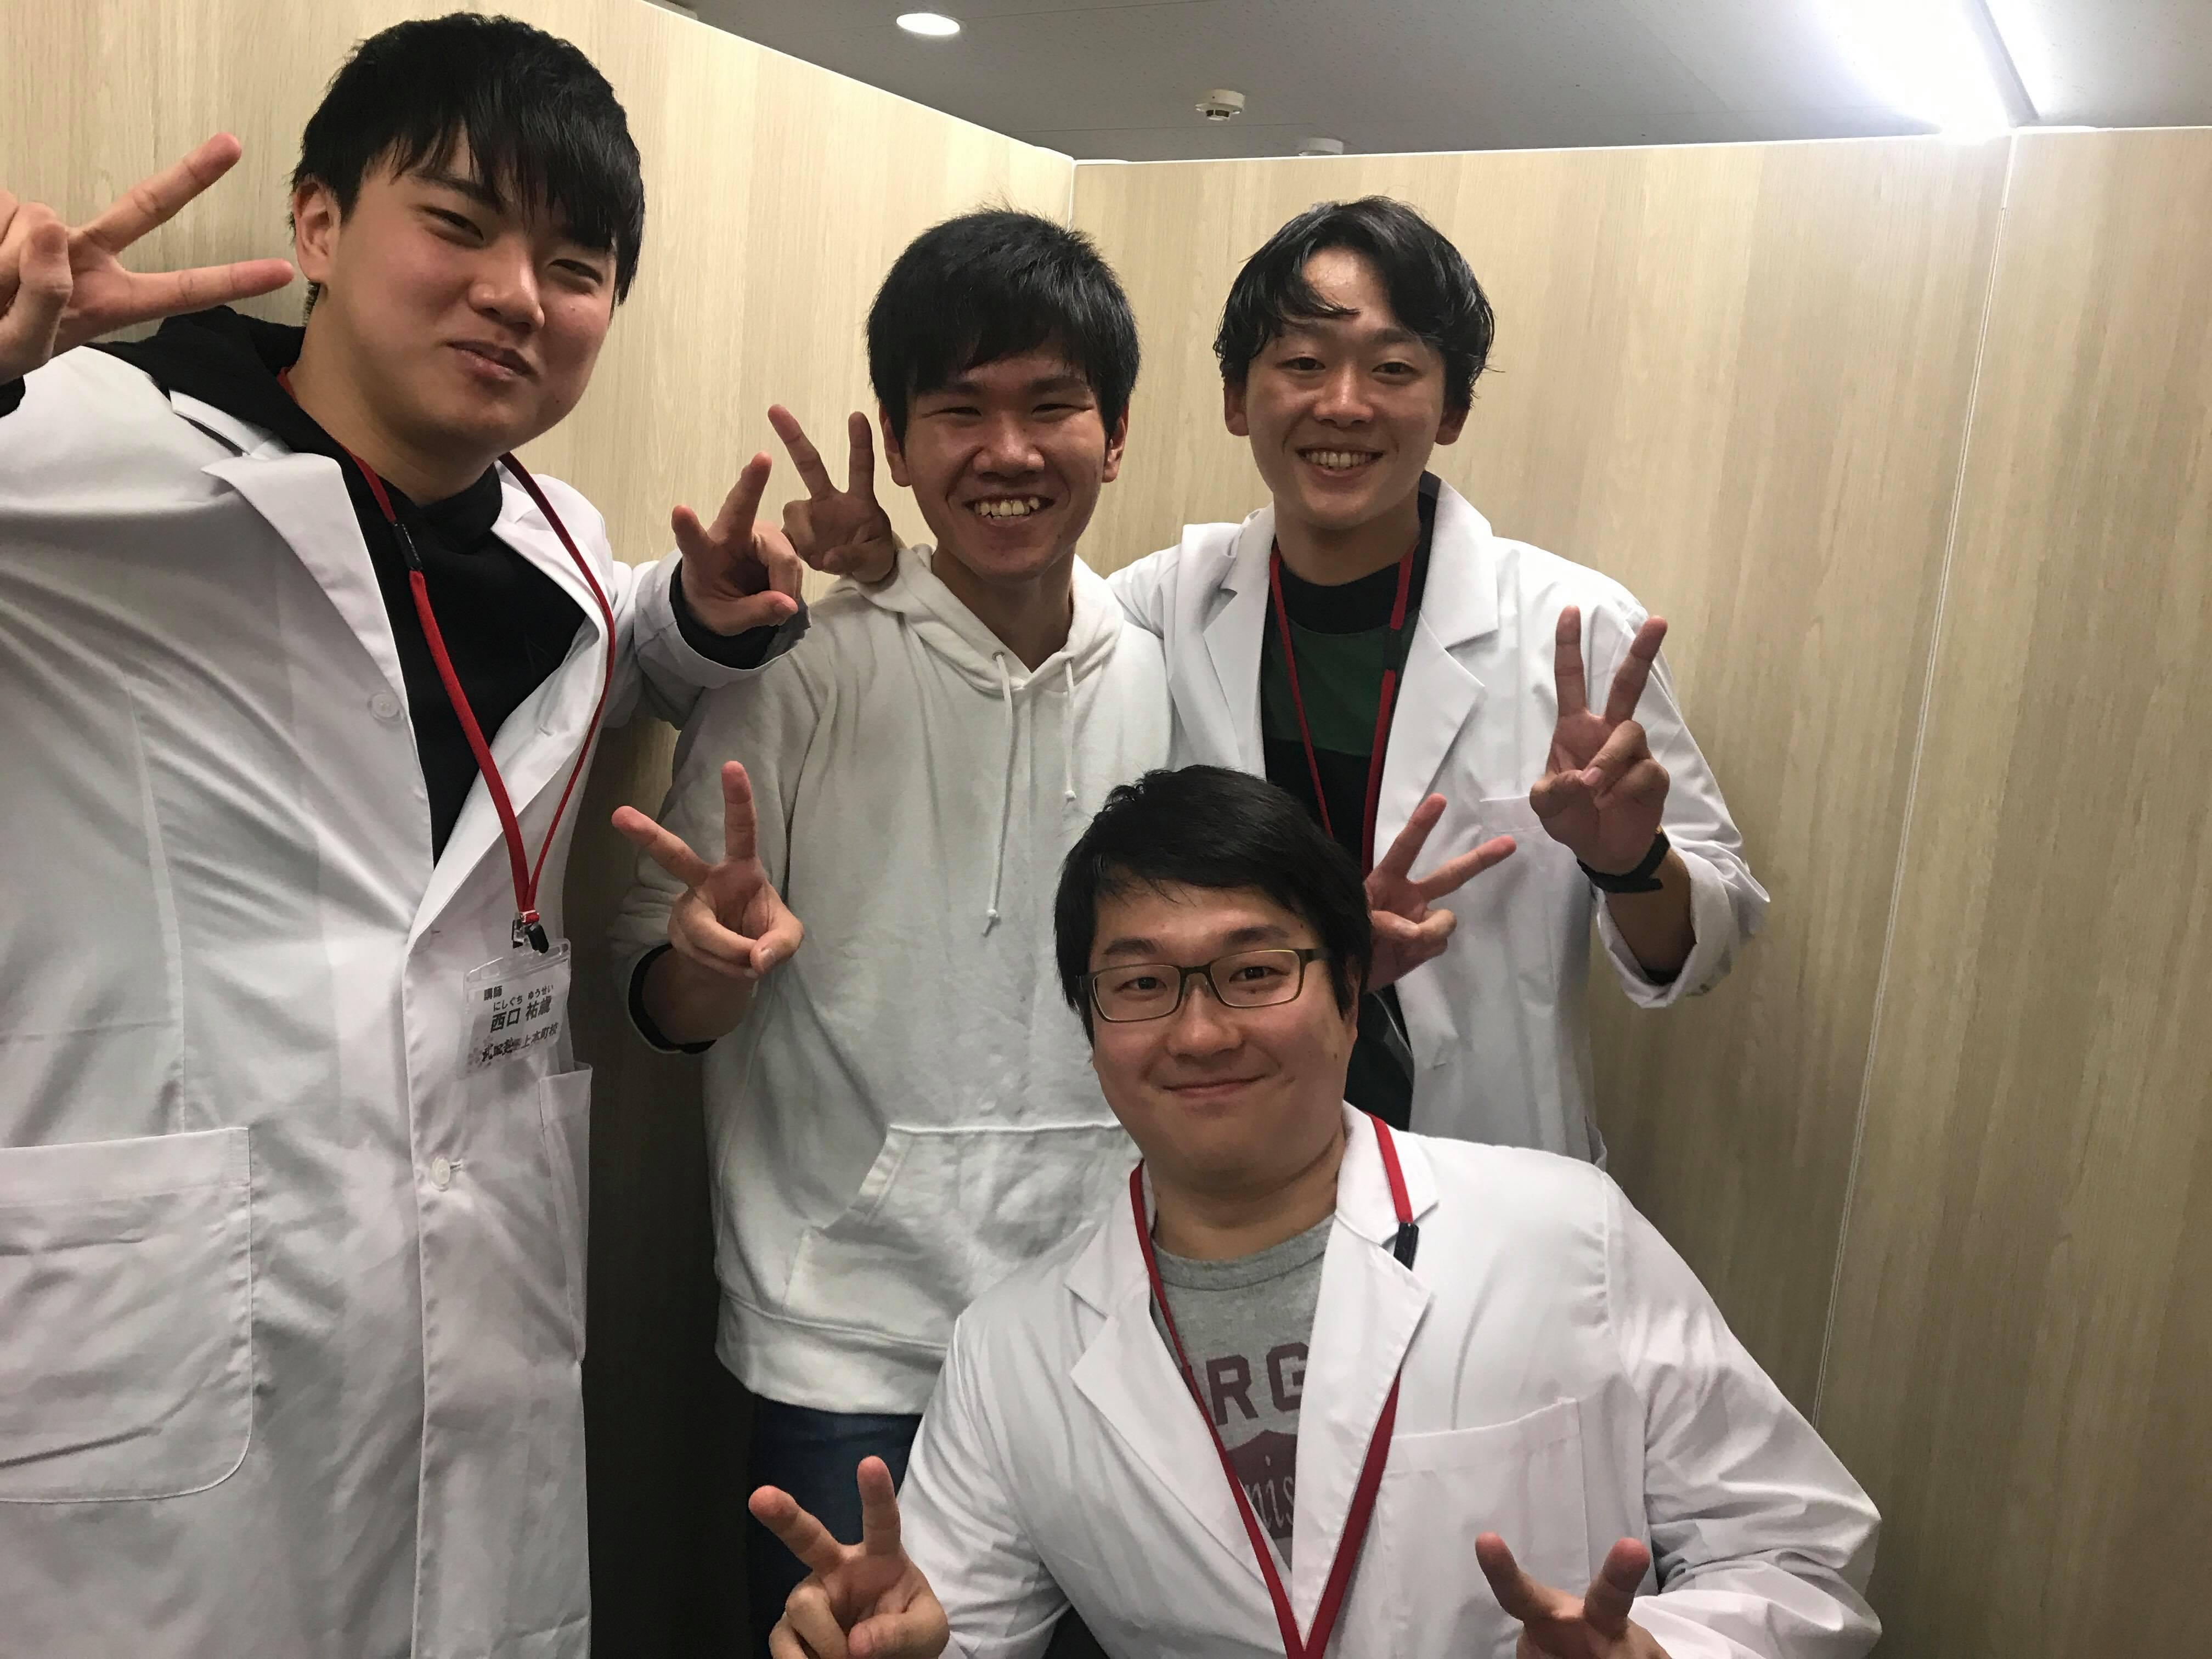 近畿大学薬学部に公募推薦入試で合格したR.Tくんと講師の写真